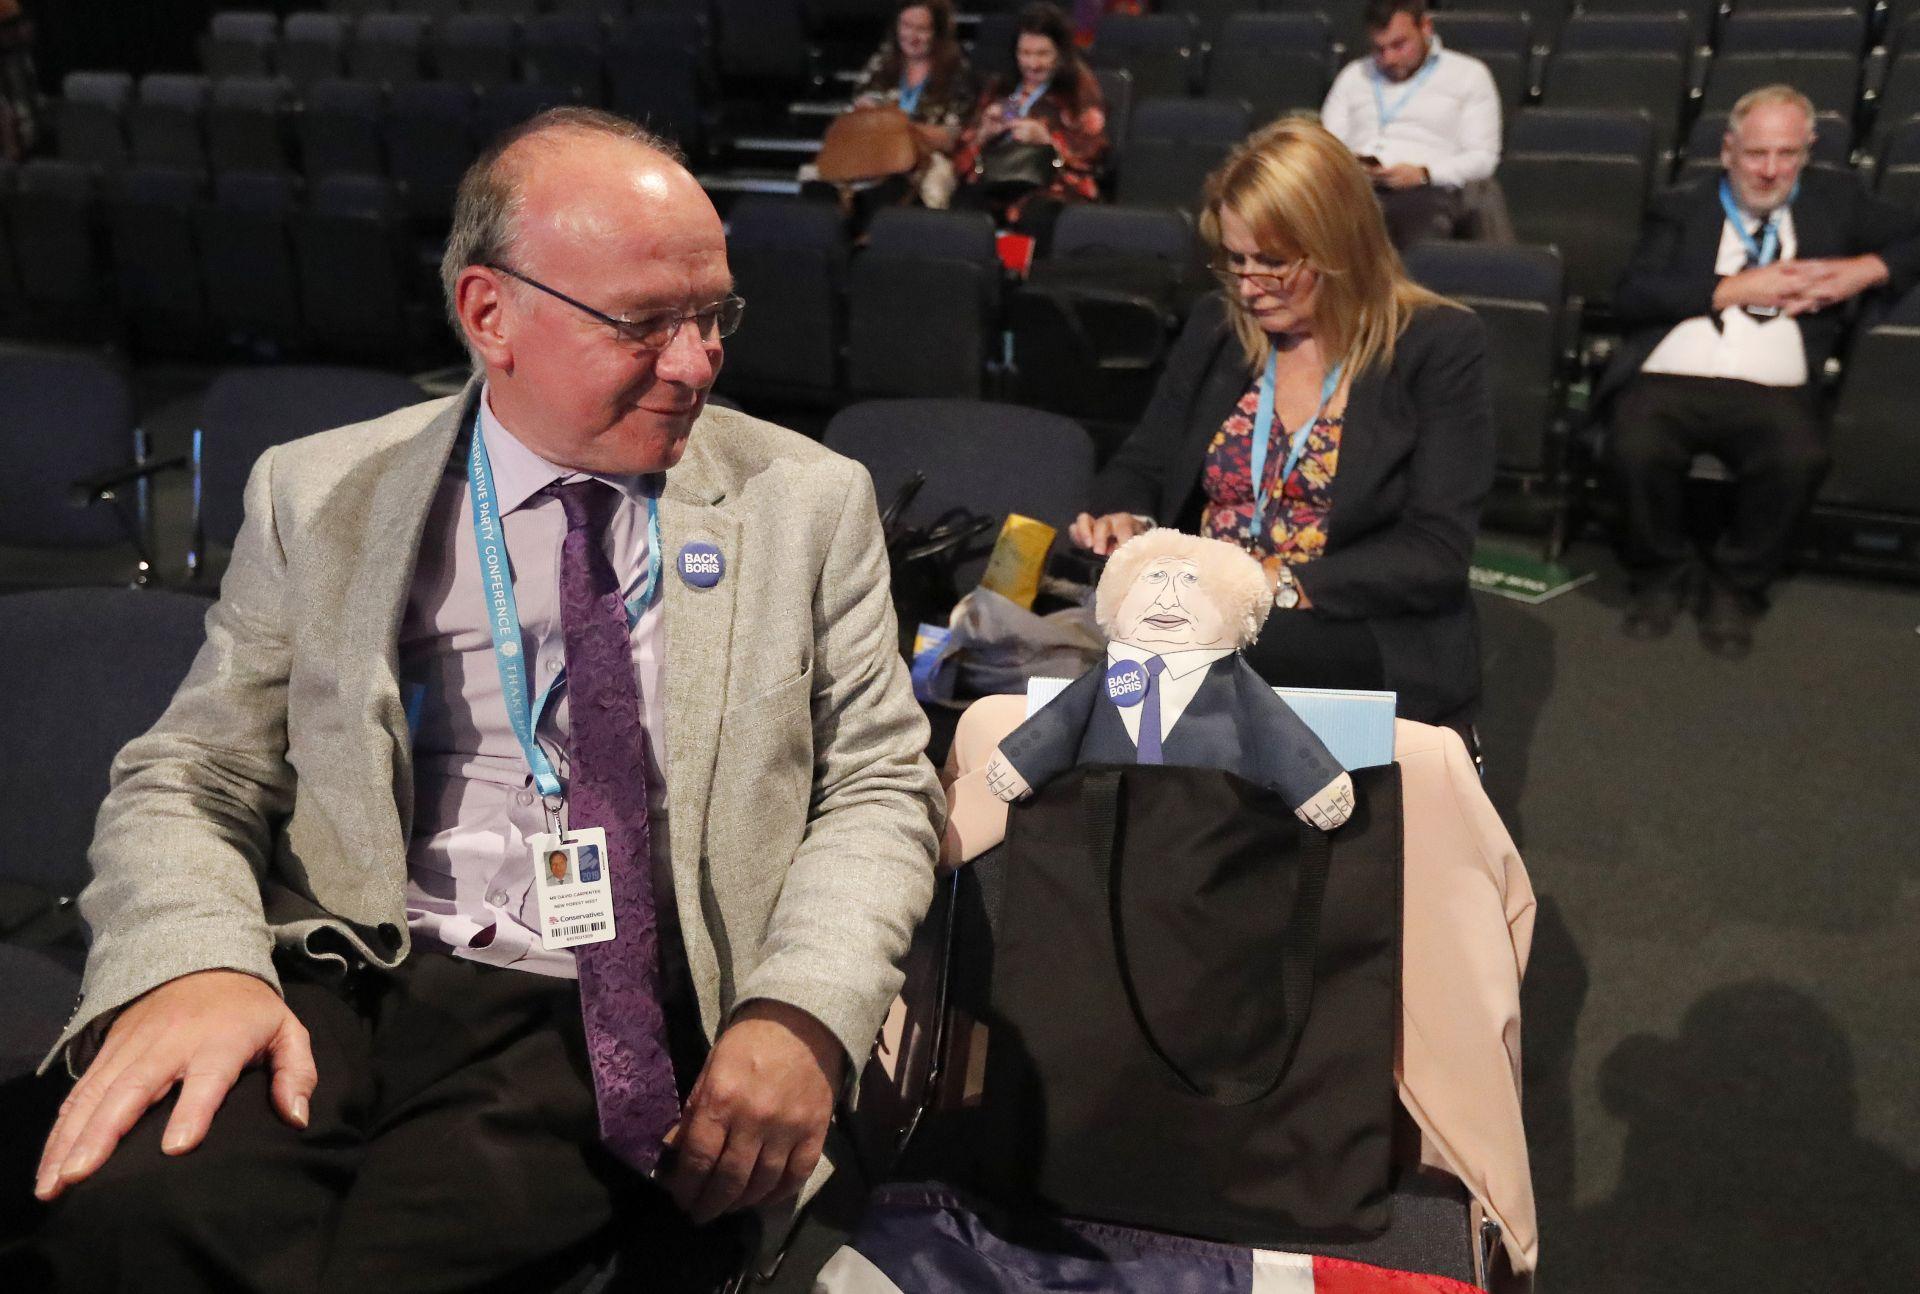 """Делегат на конгреса """"прави компания"""" на кукла, окарикатуряваща Борис Джонсън"""